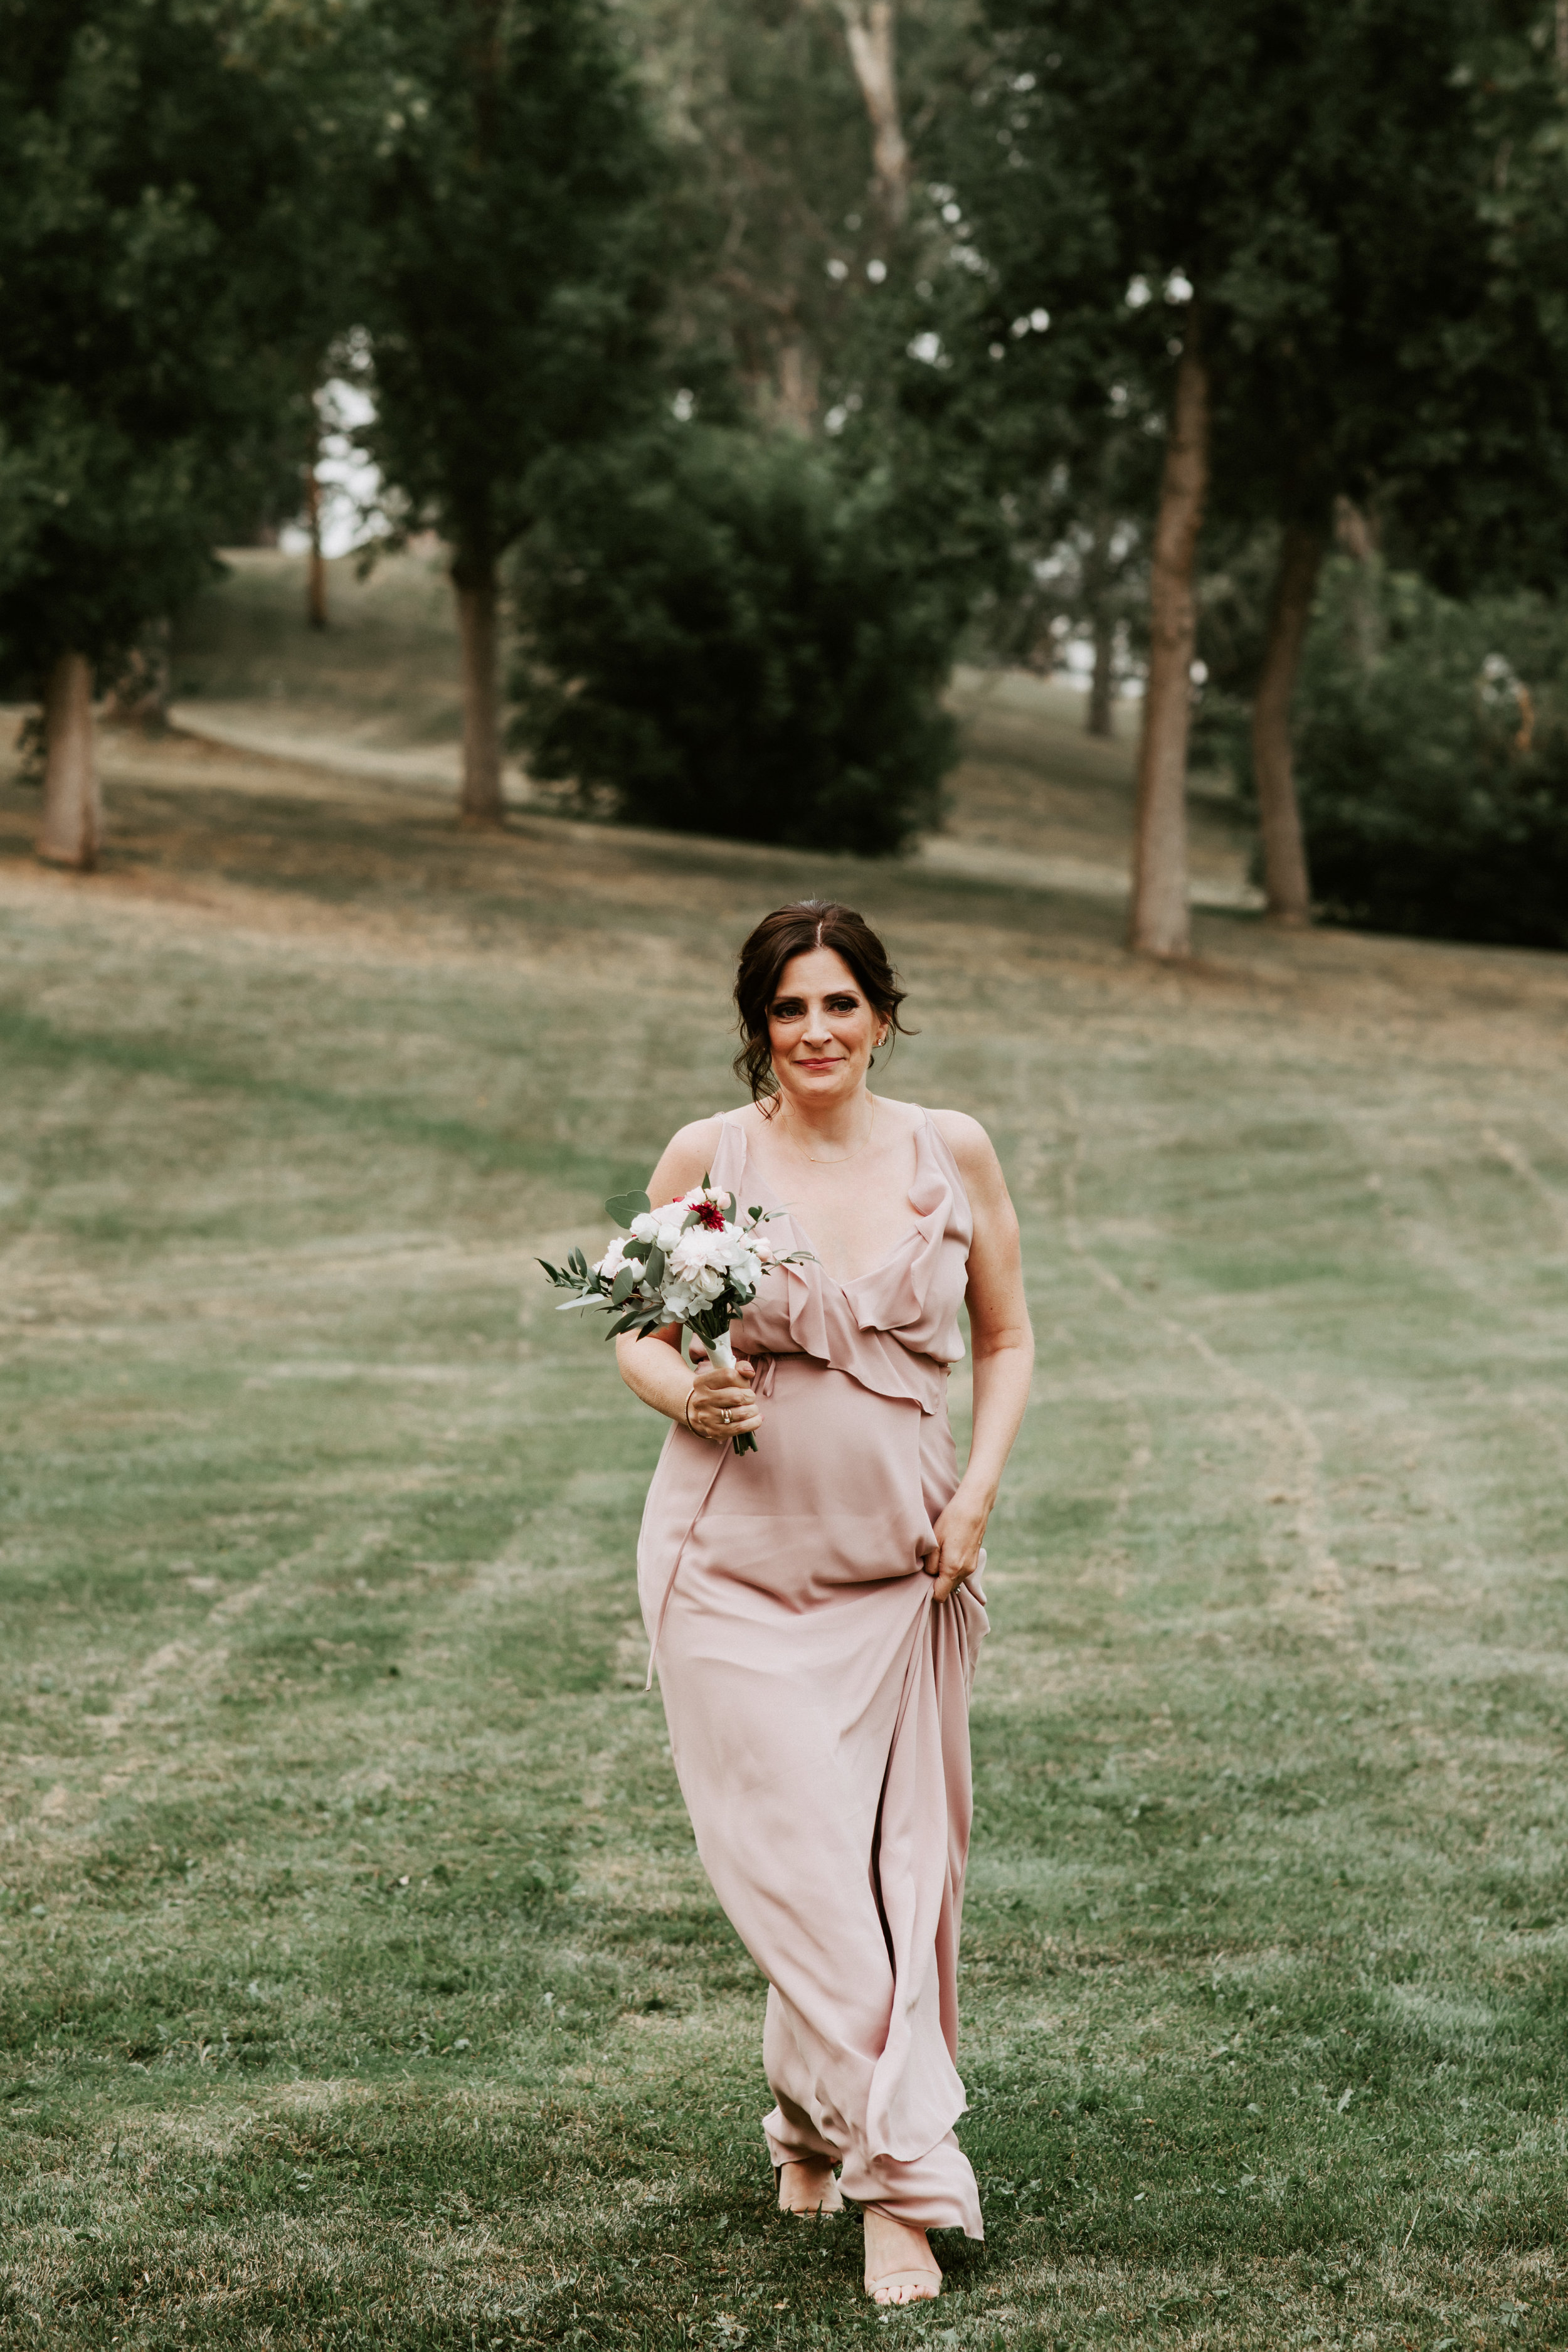 Calgary Wedding Photographer - 18 of 84.jpg